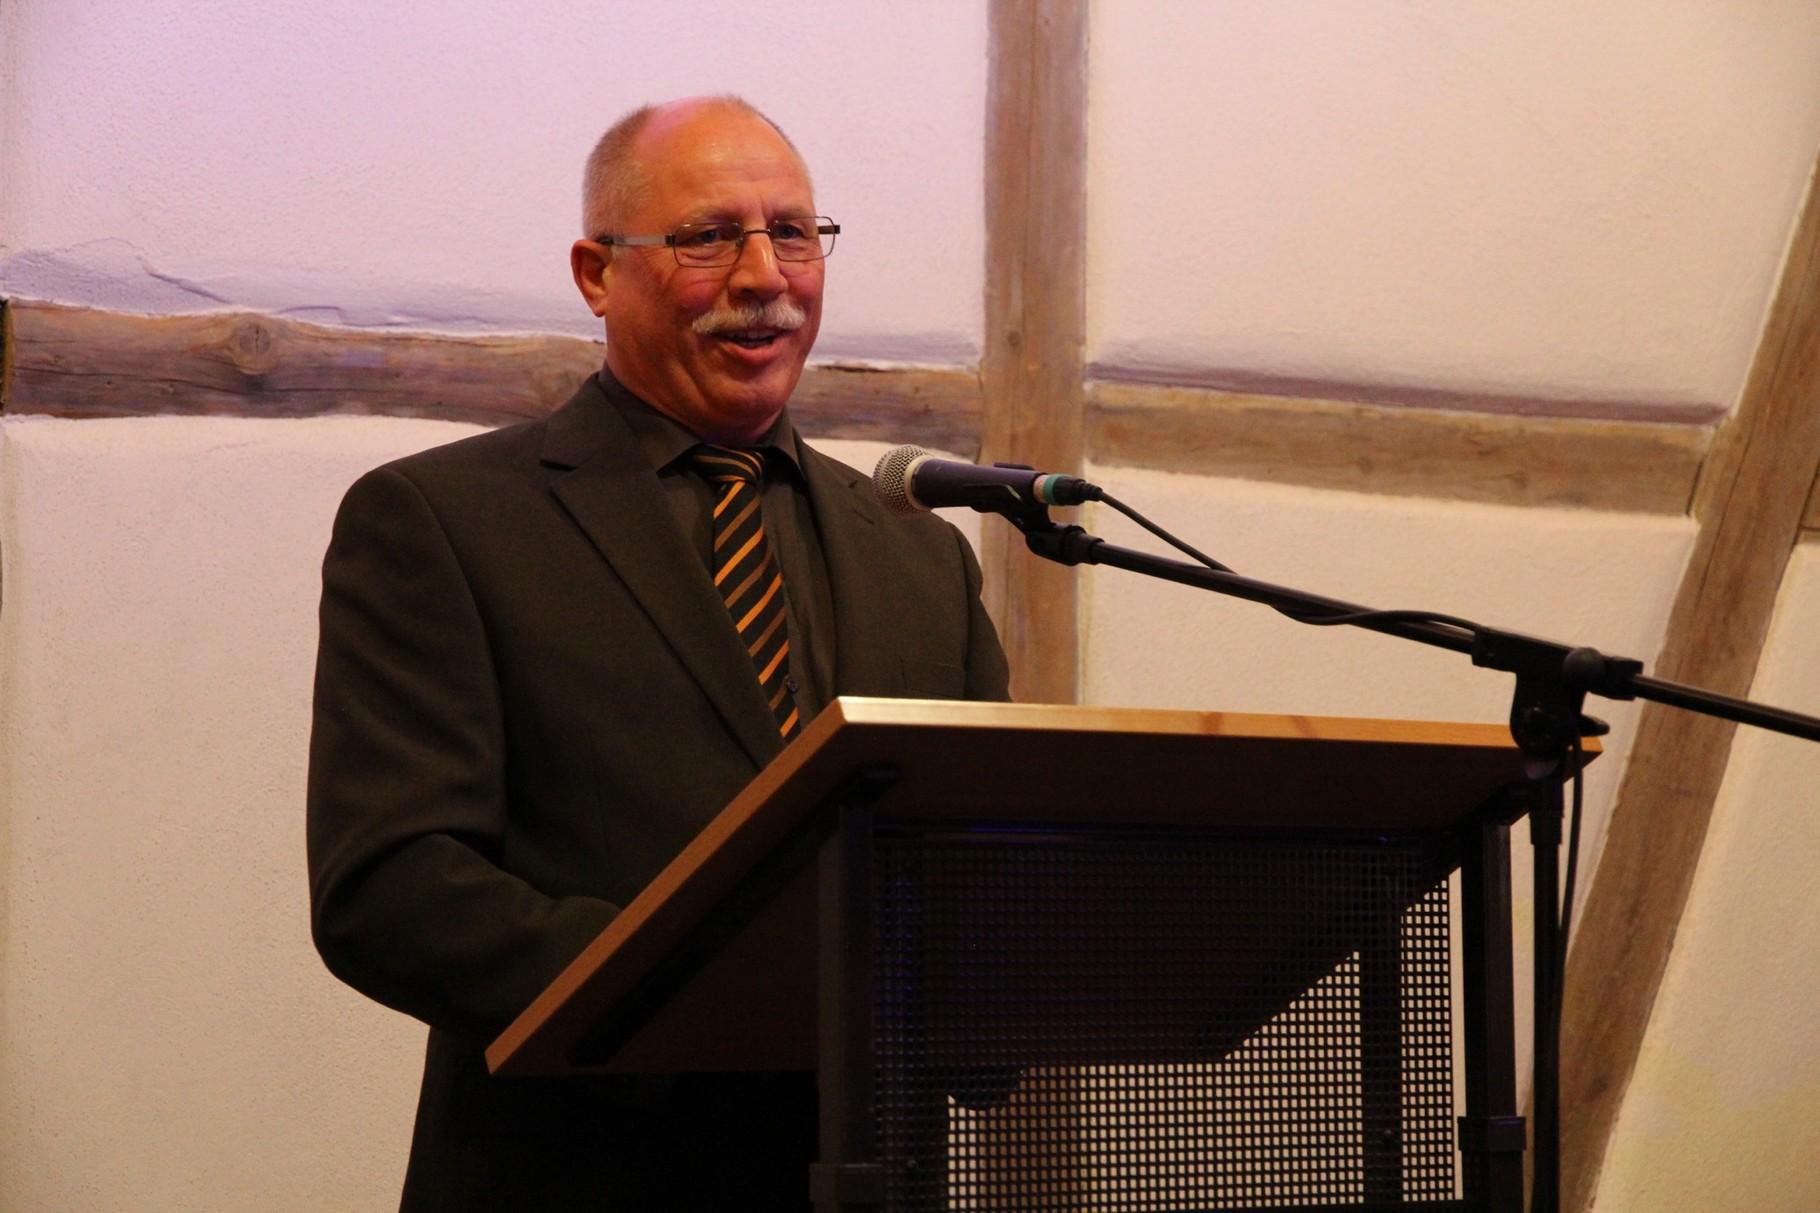 Der Vorsitzende des evang. Ältestenkreises Klaus Rinklin